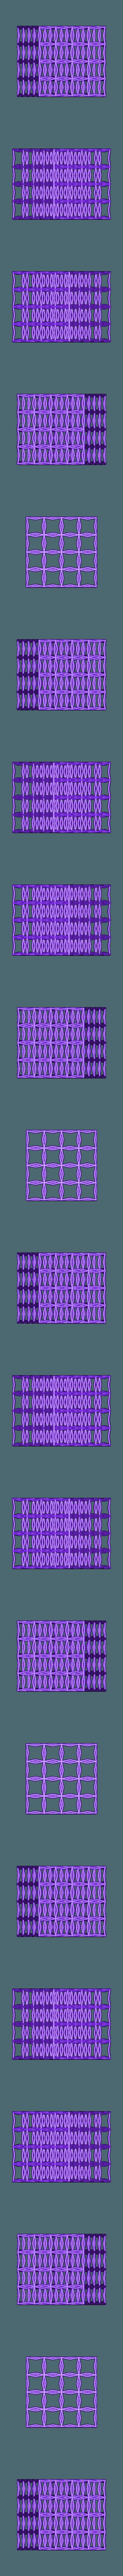 A1_8_4x4.stl Télécharger fichier STL gratuit Cellules de l'unité auxiliaire • Objet imprimable en 3D, sjpiper145